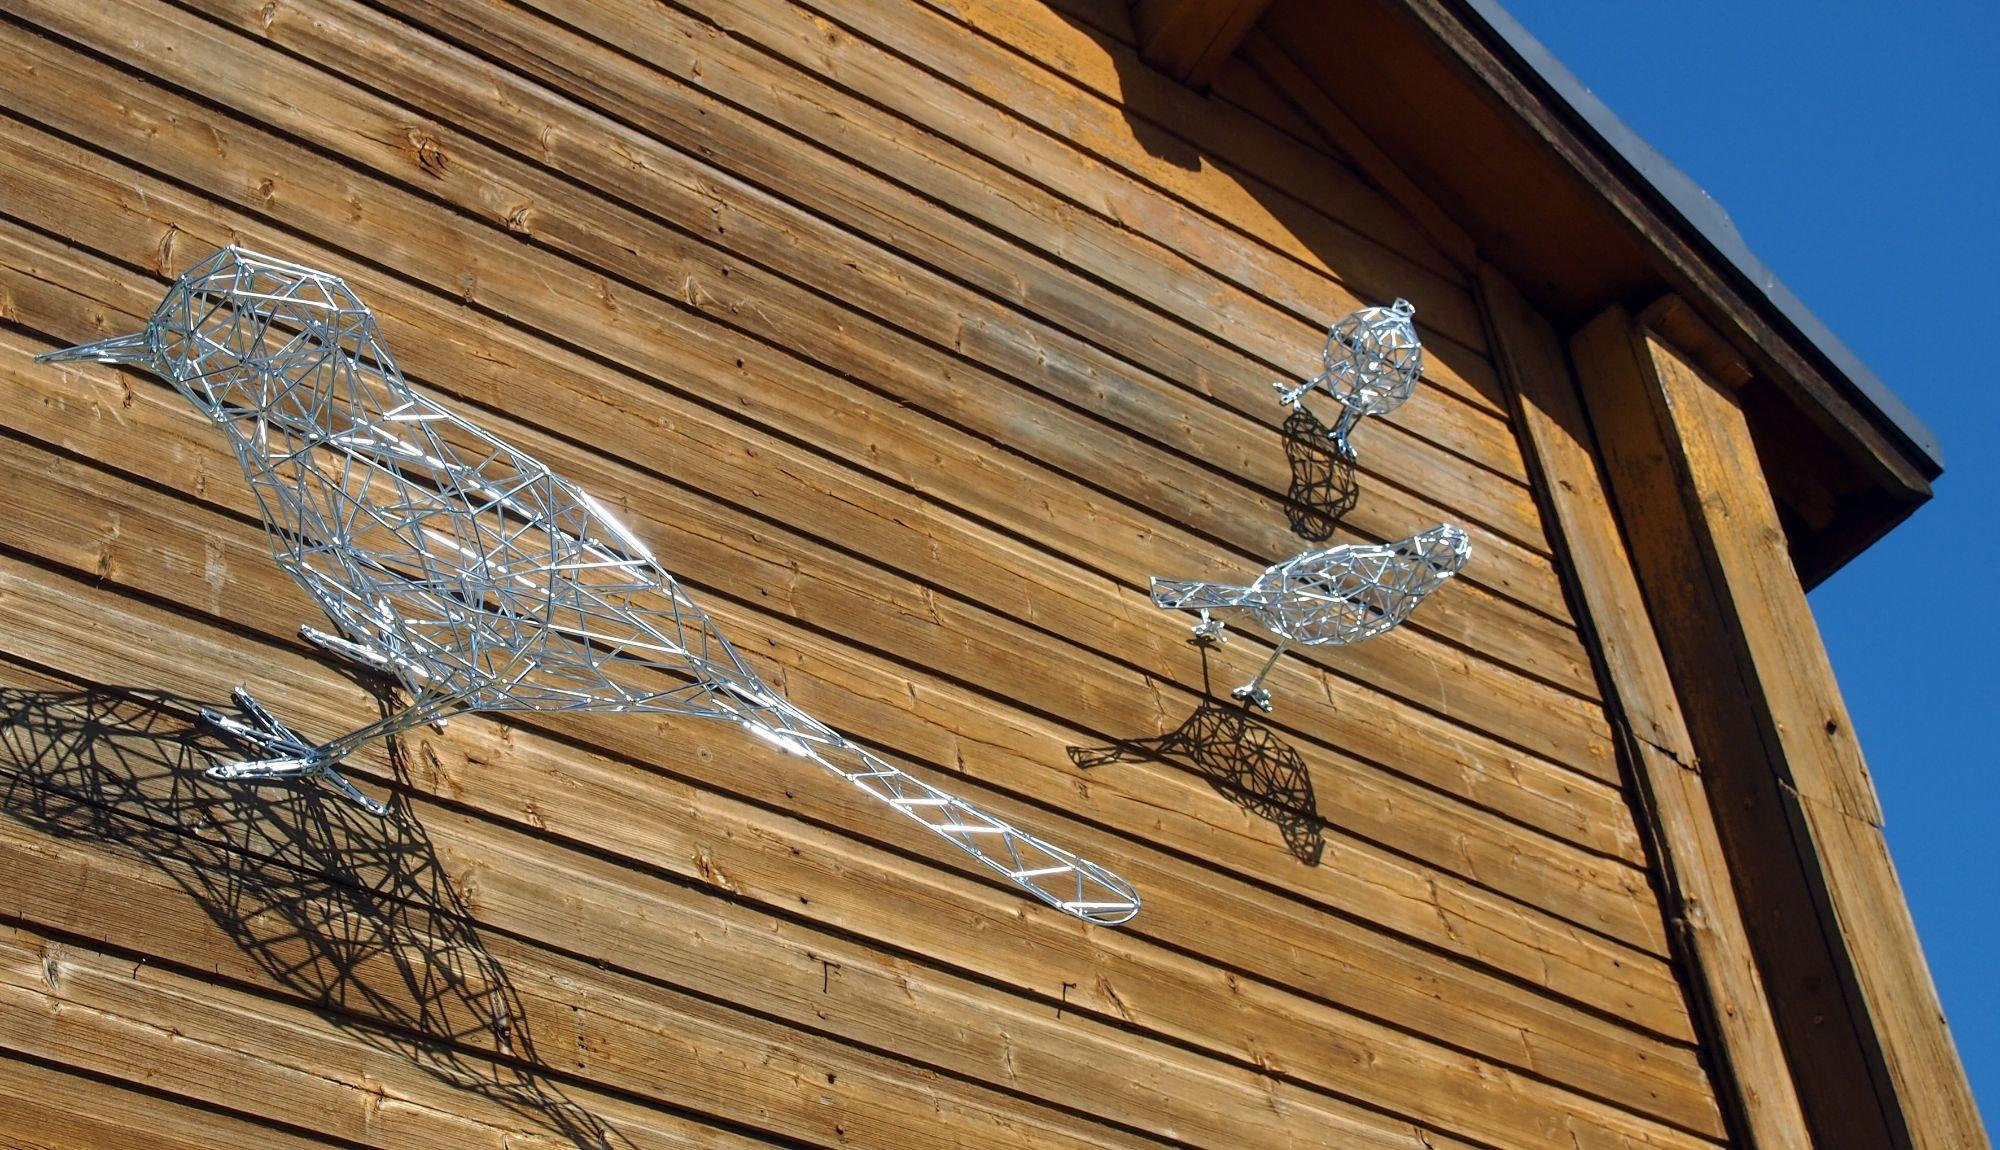 Soome nüüdiskunsti tipptegijate looming esil Voronja galeriis